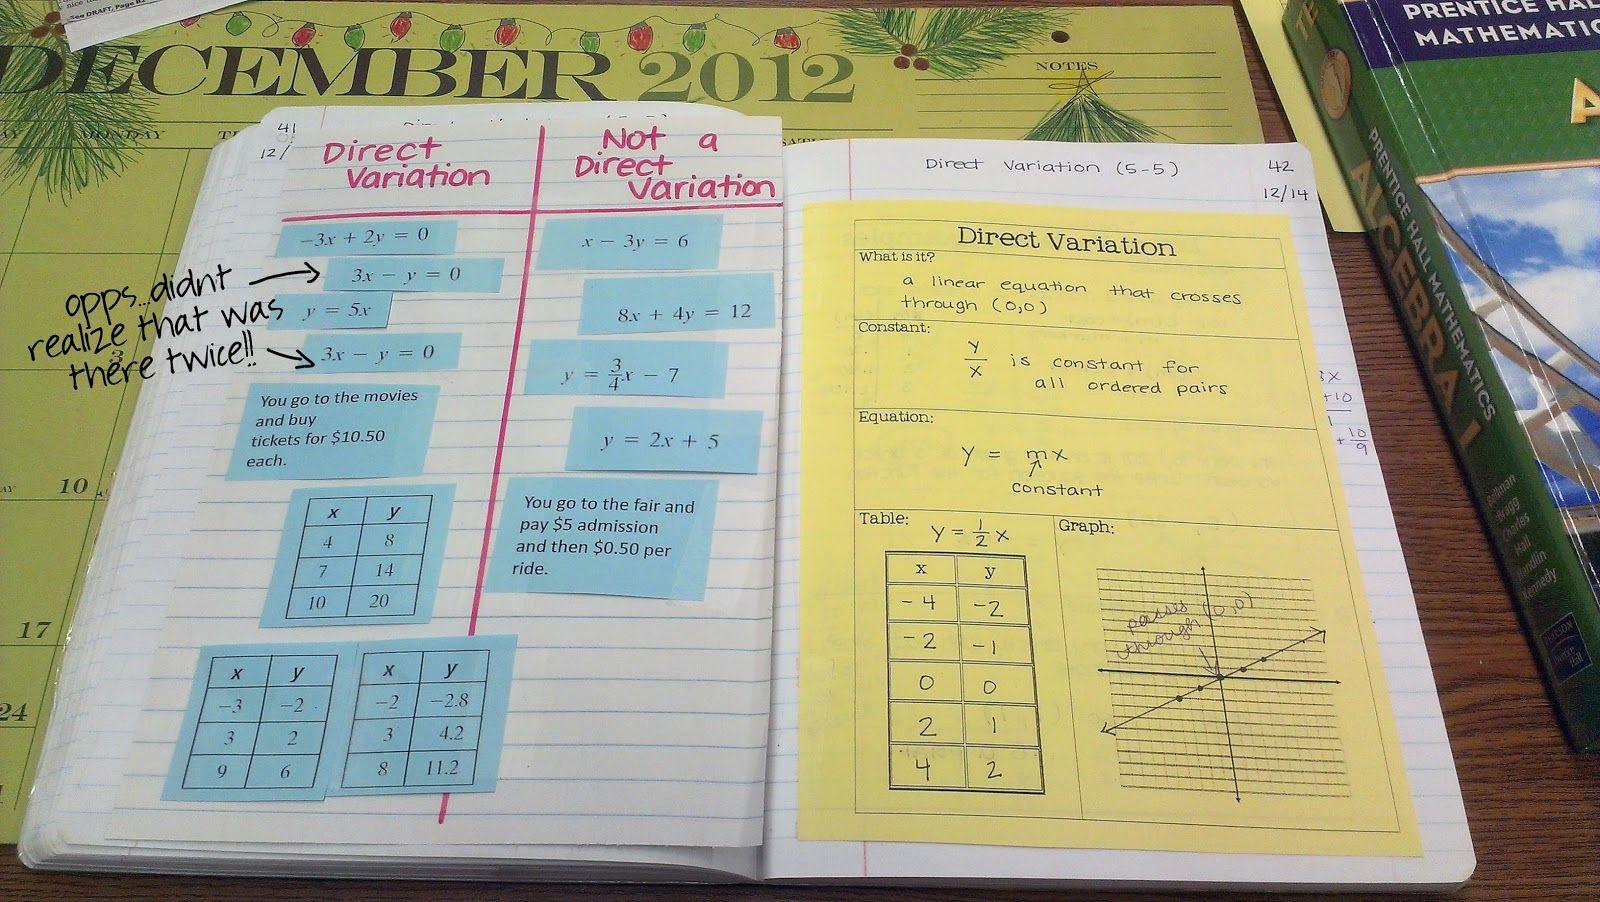 medium resolution of 8 Direct Variation ideas   direct variation